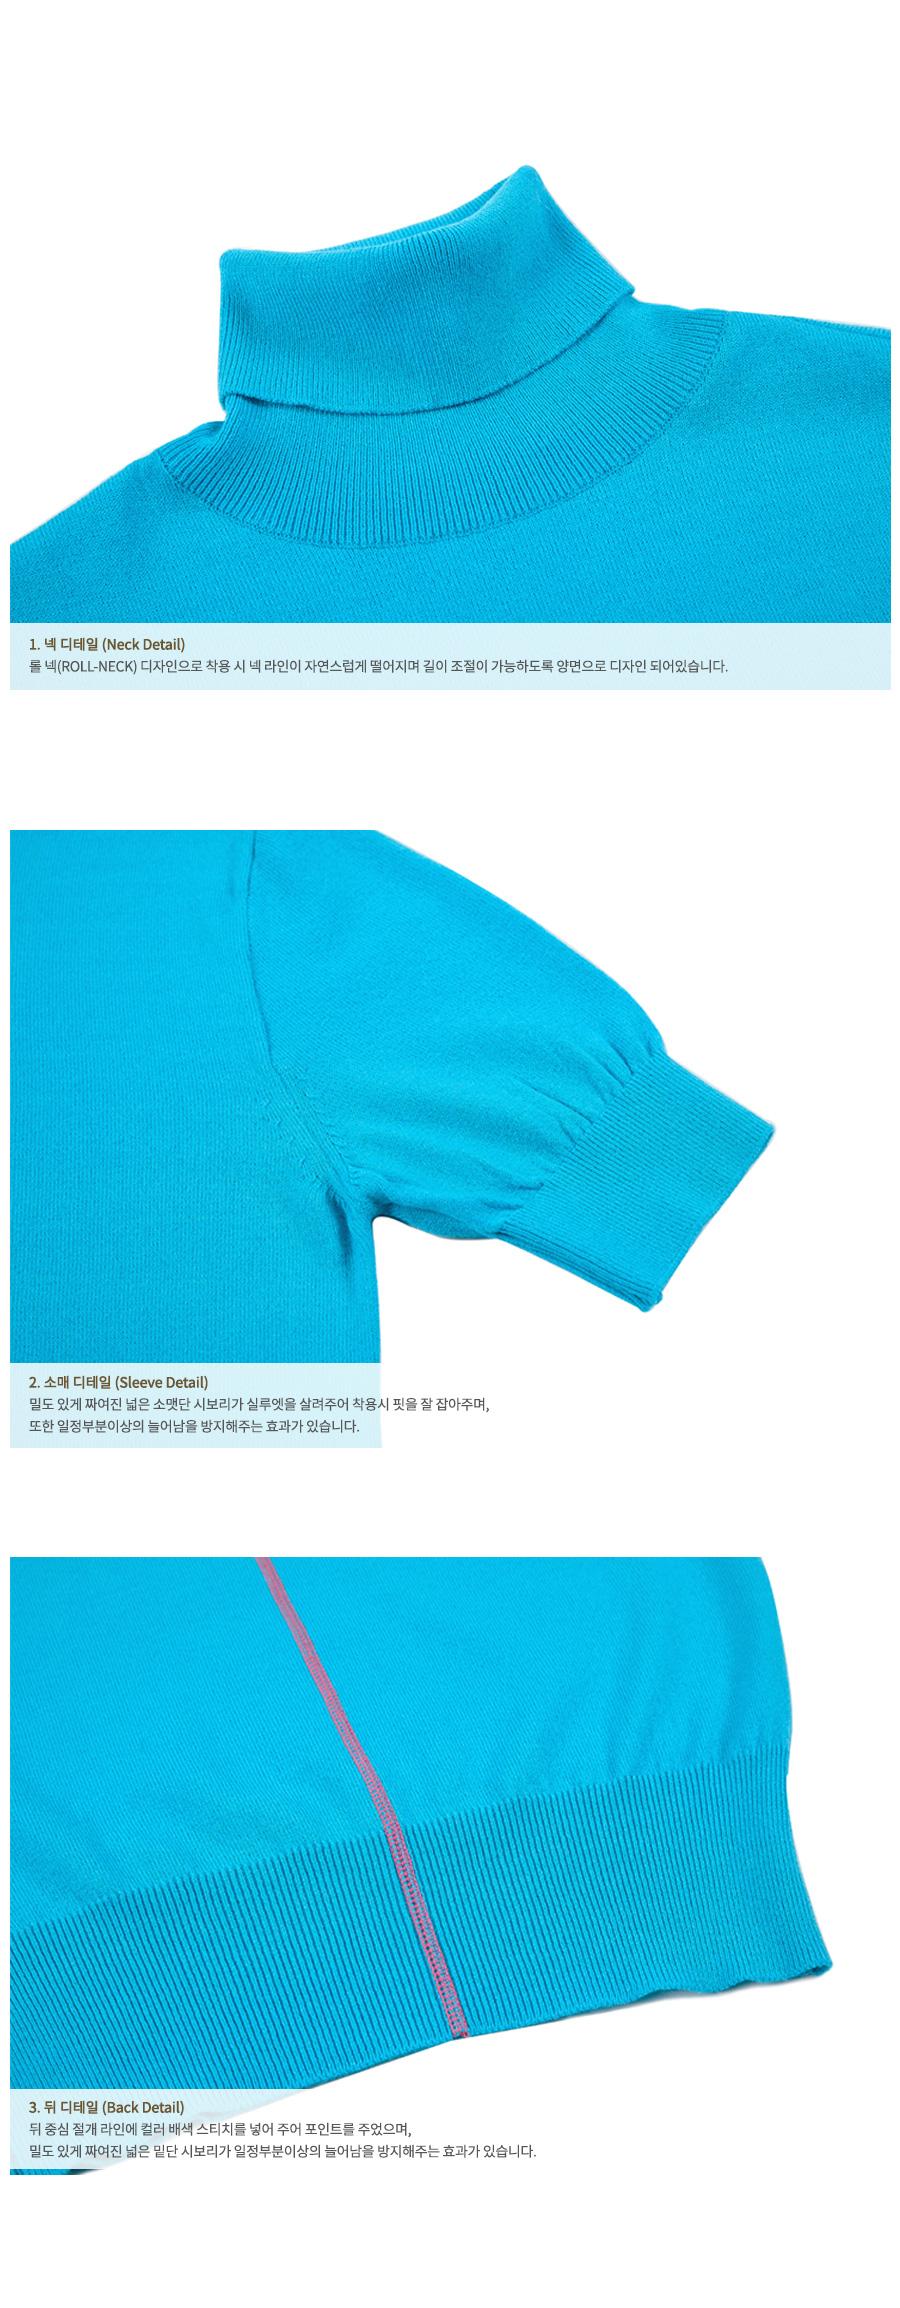 앤더슨벨 RIBBED SHORT SLEEVE TURTLENECK SWEATER NEON BLUE atb291w